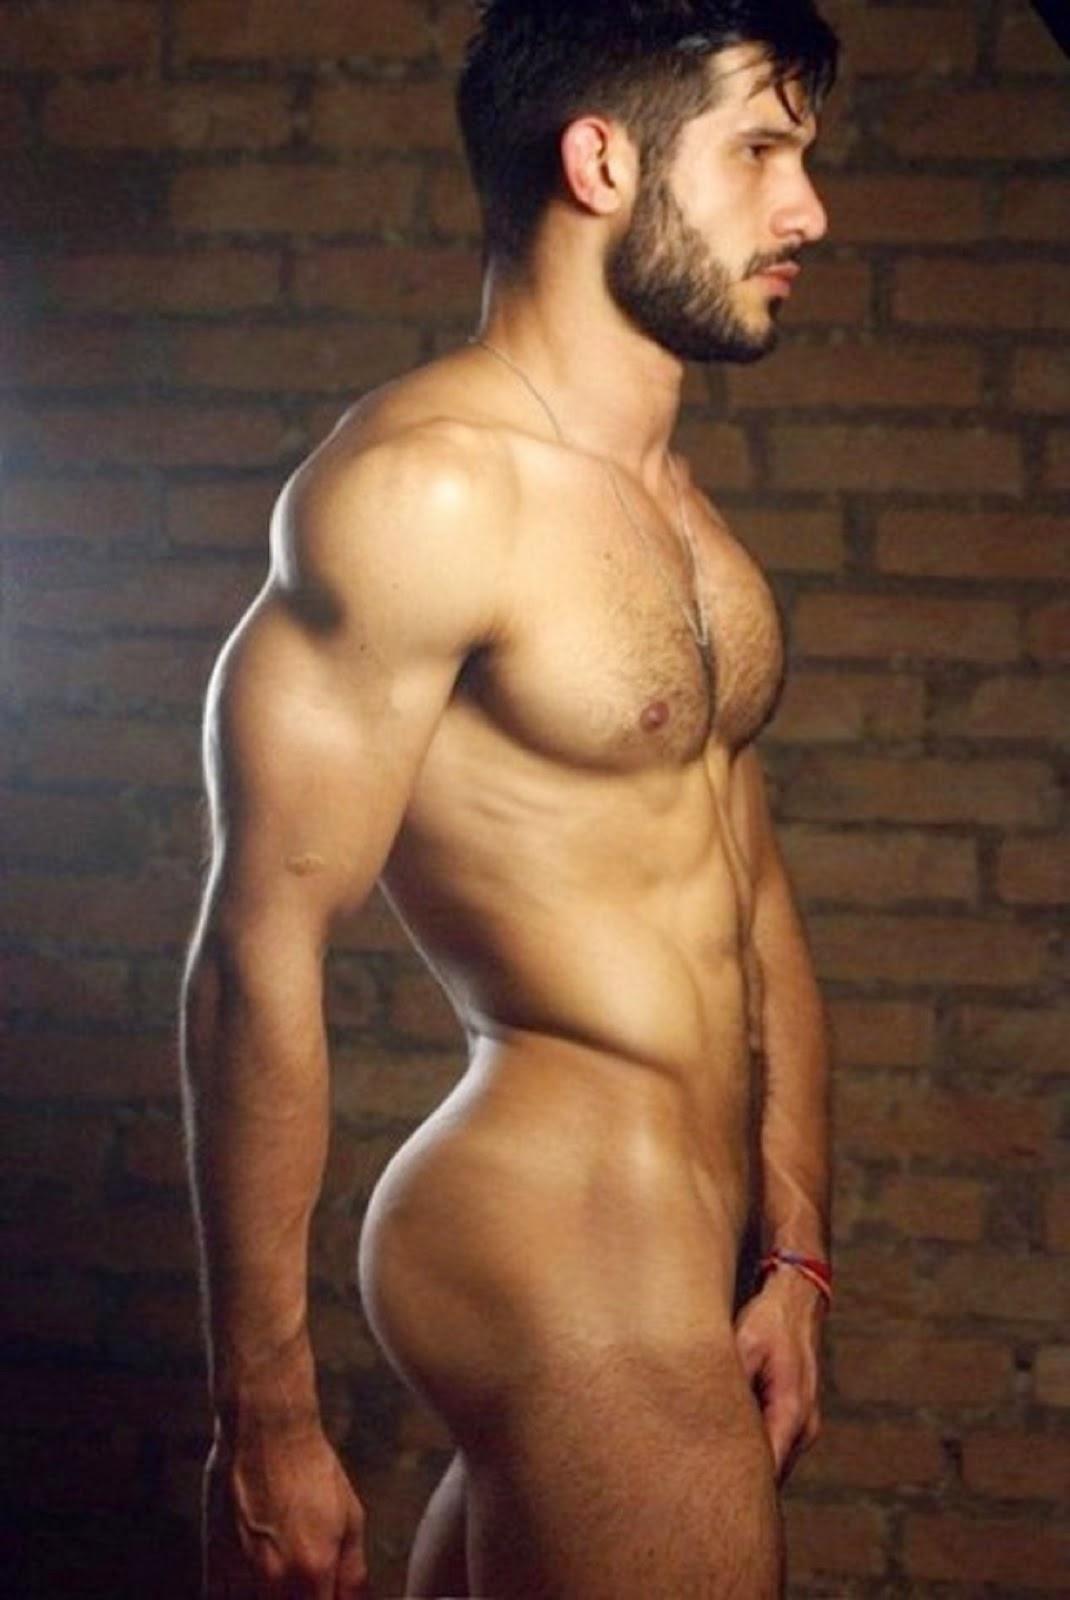 Фильм голые накаченные мужчины с огромными членами